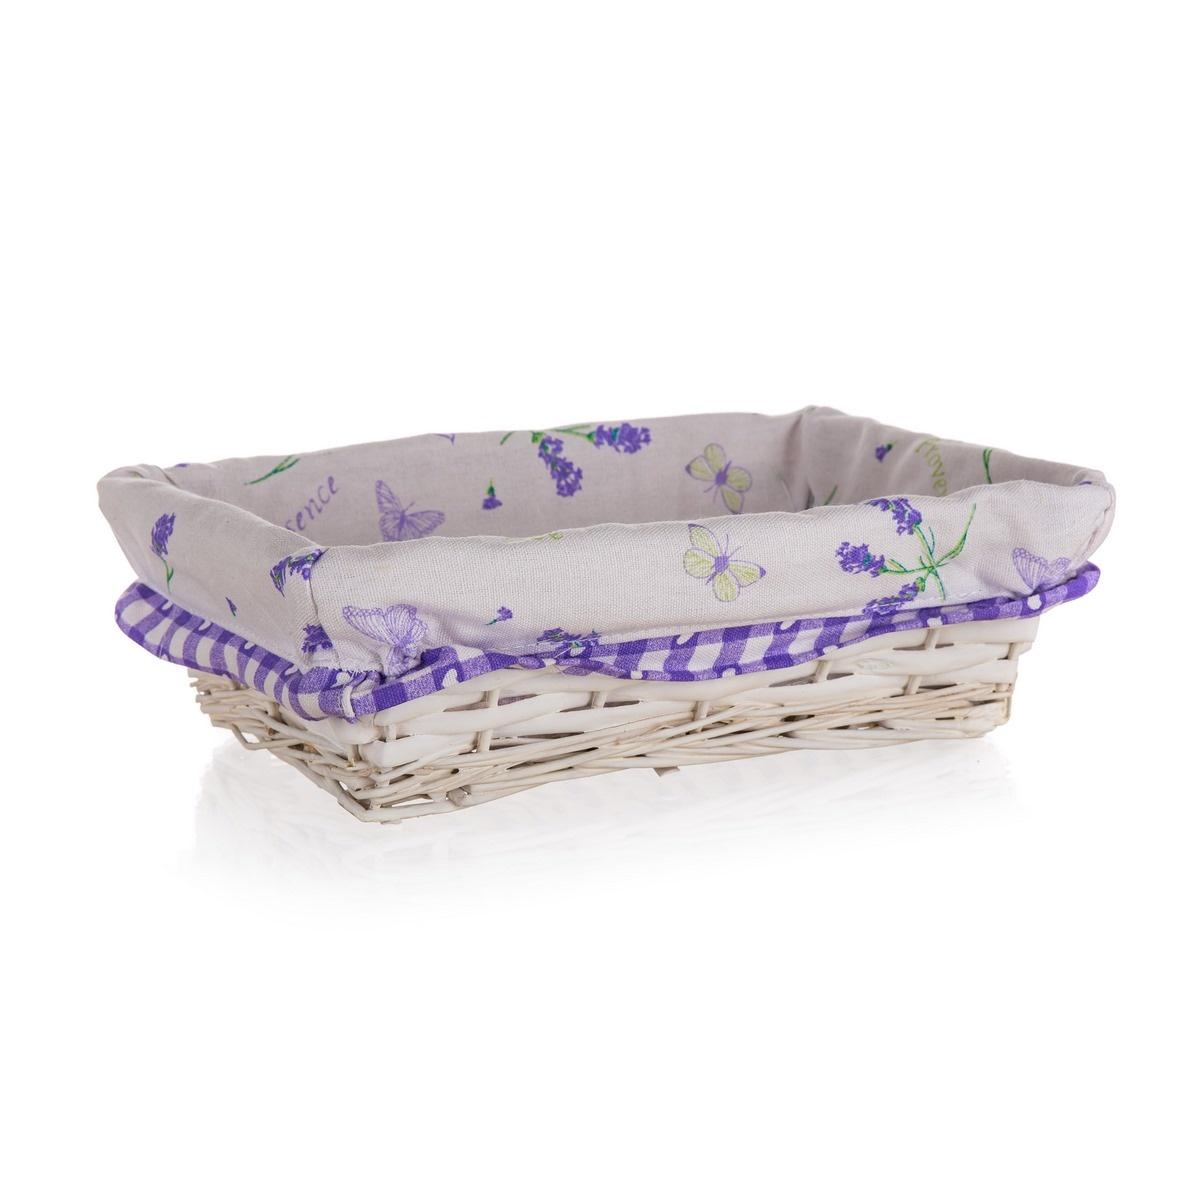 Home Decor Prútený košík Lavender, 26 x 18 x 7,5 cm